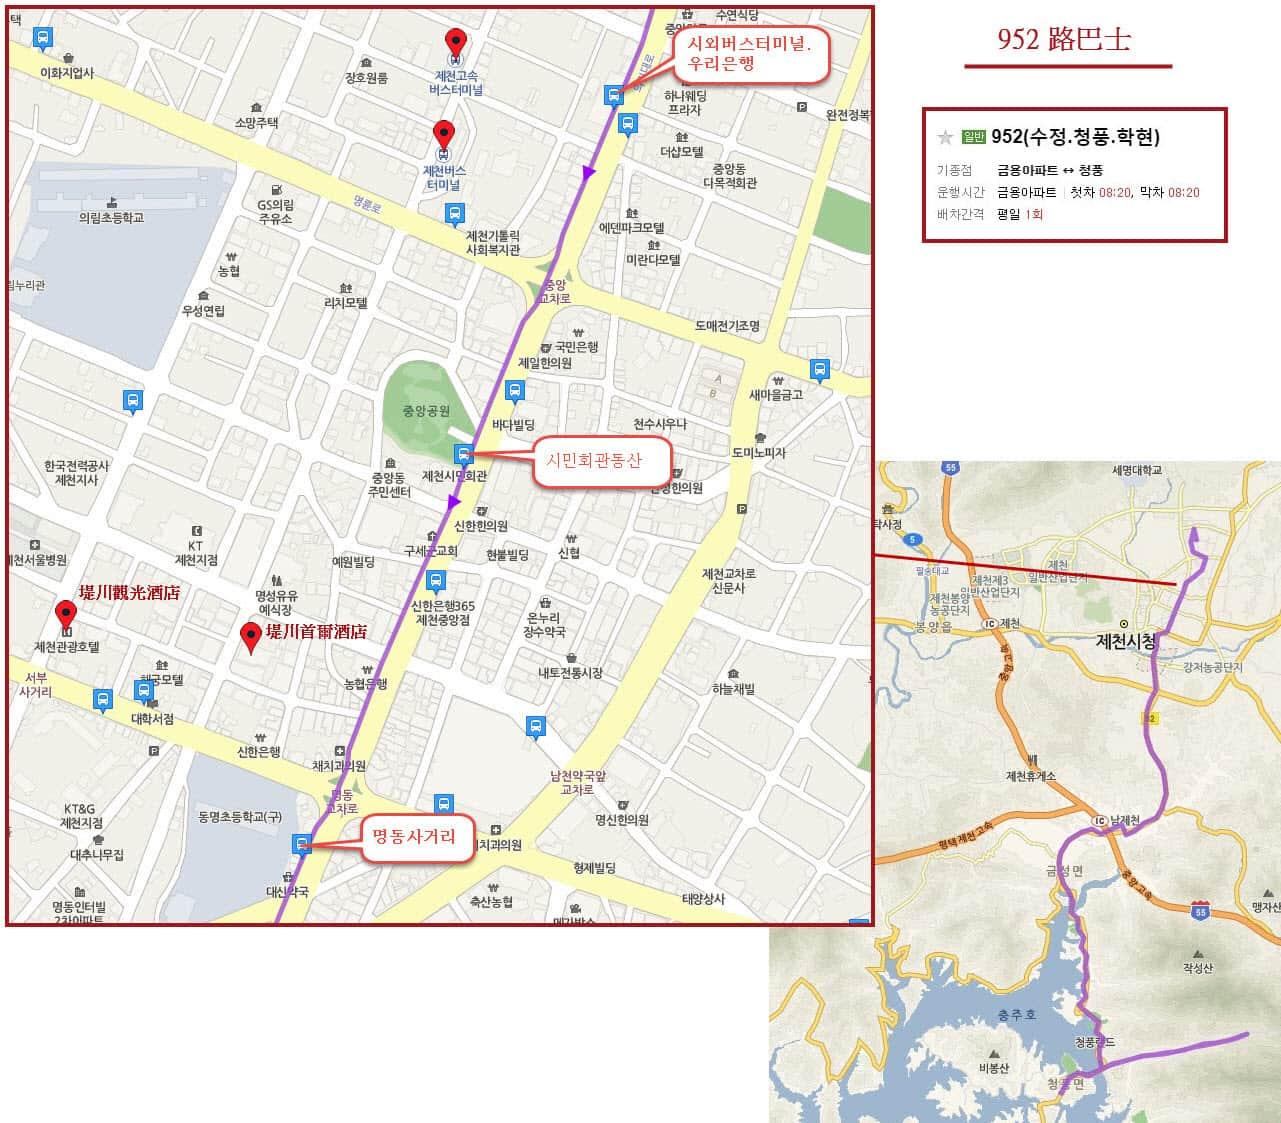 堤川市往 忠州湖 清風文化財團地 952號巴士路線圖